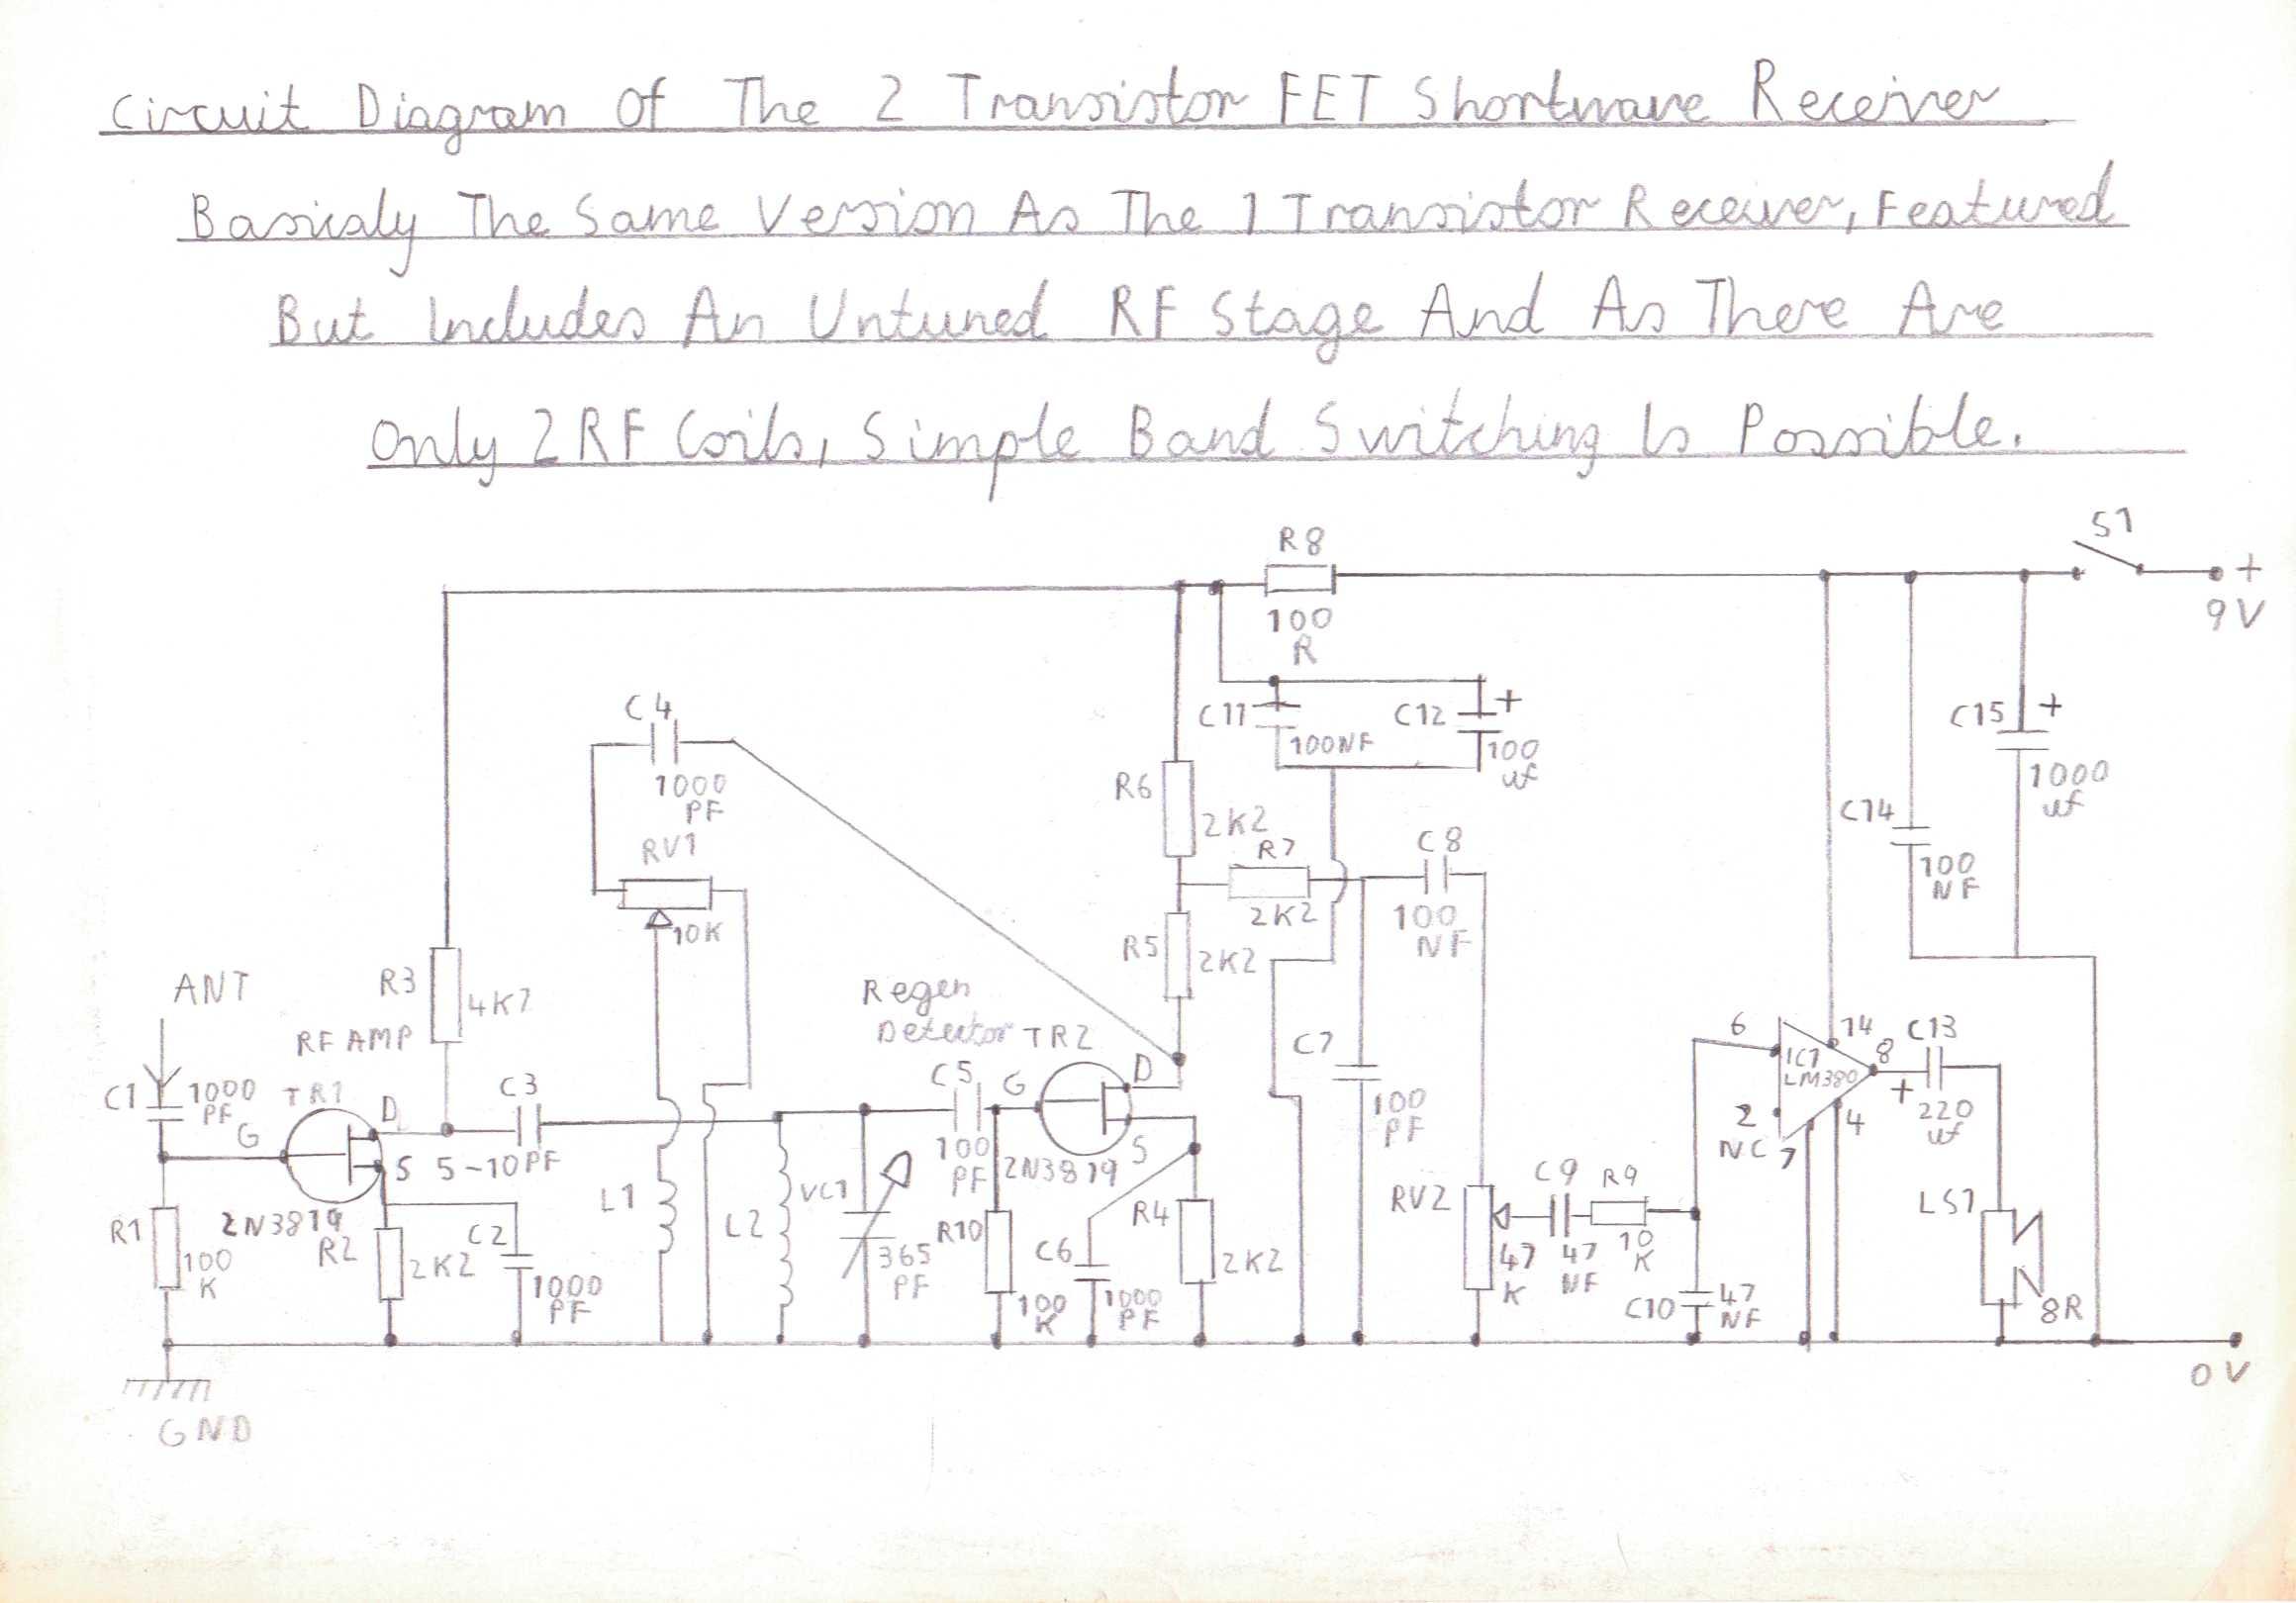 Progressive Crystal Set To Regenerative Receiver Using Safe 12v Ht Line